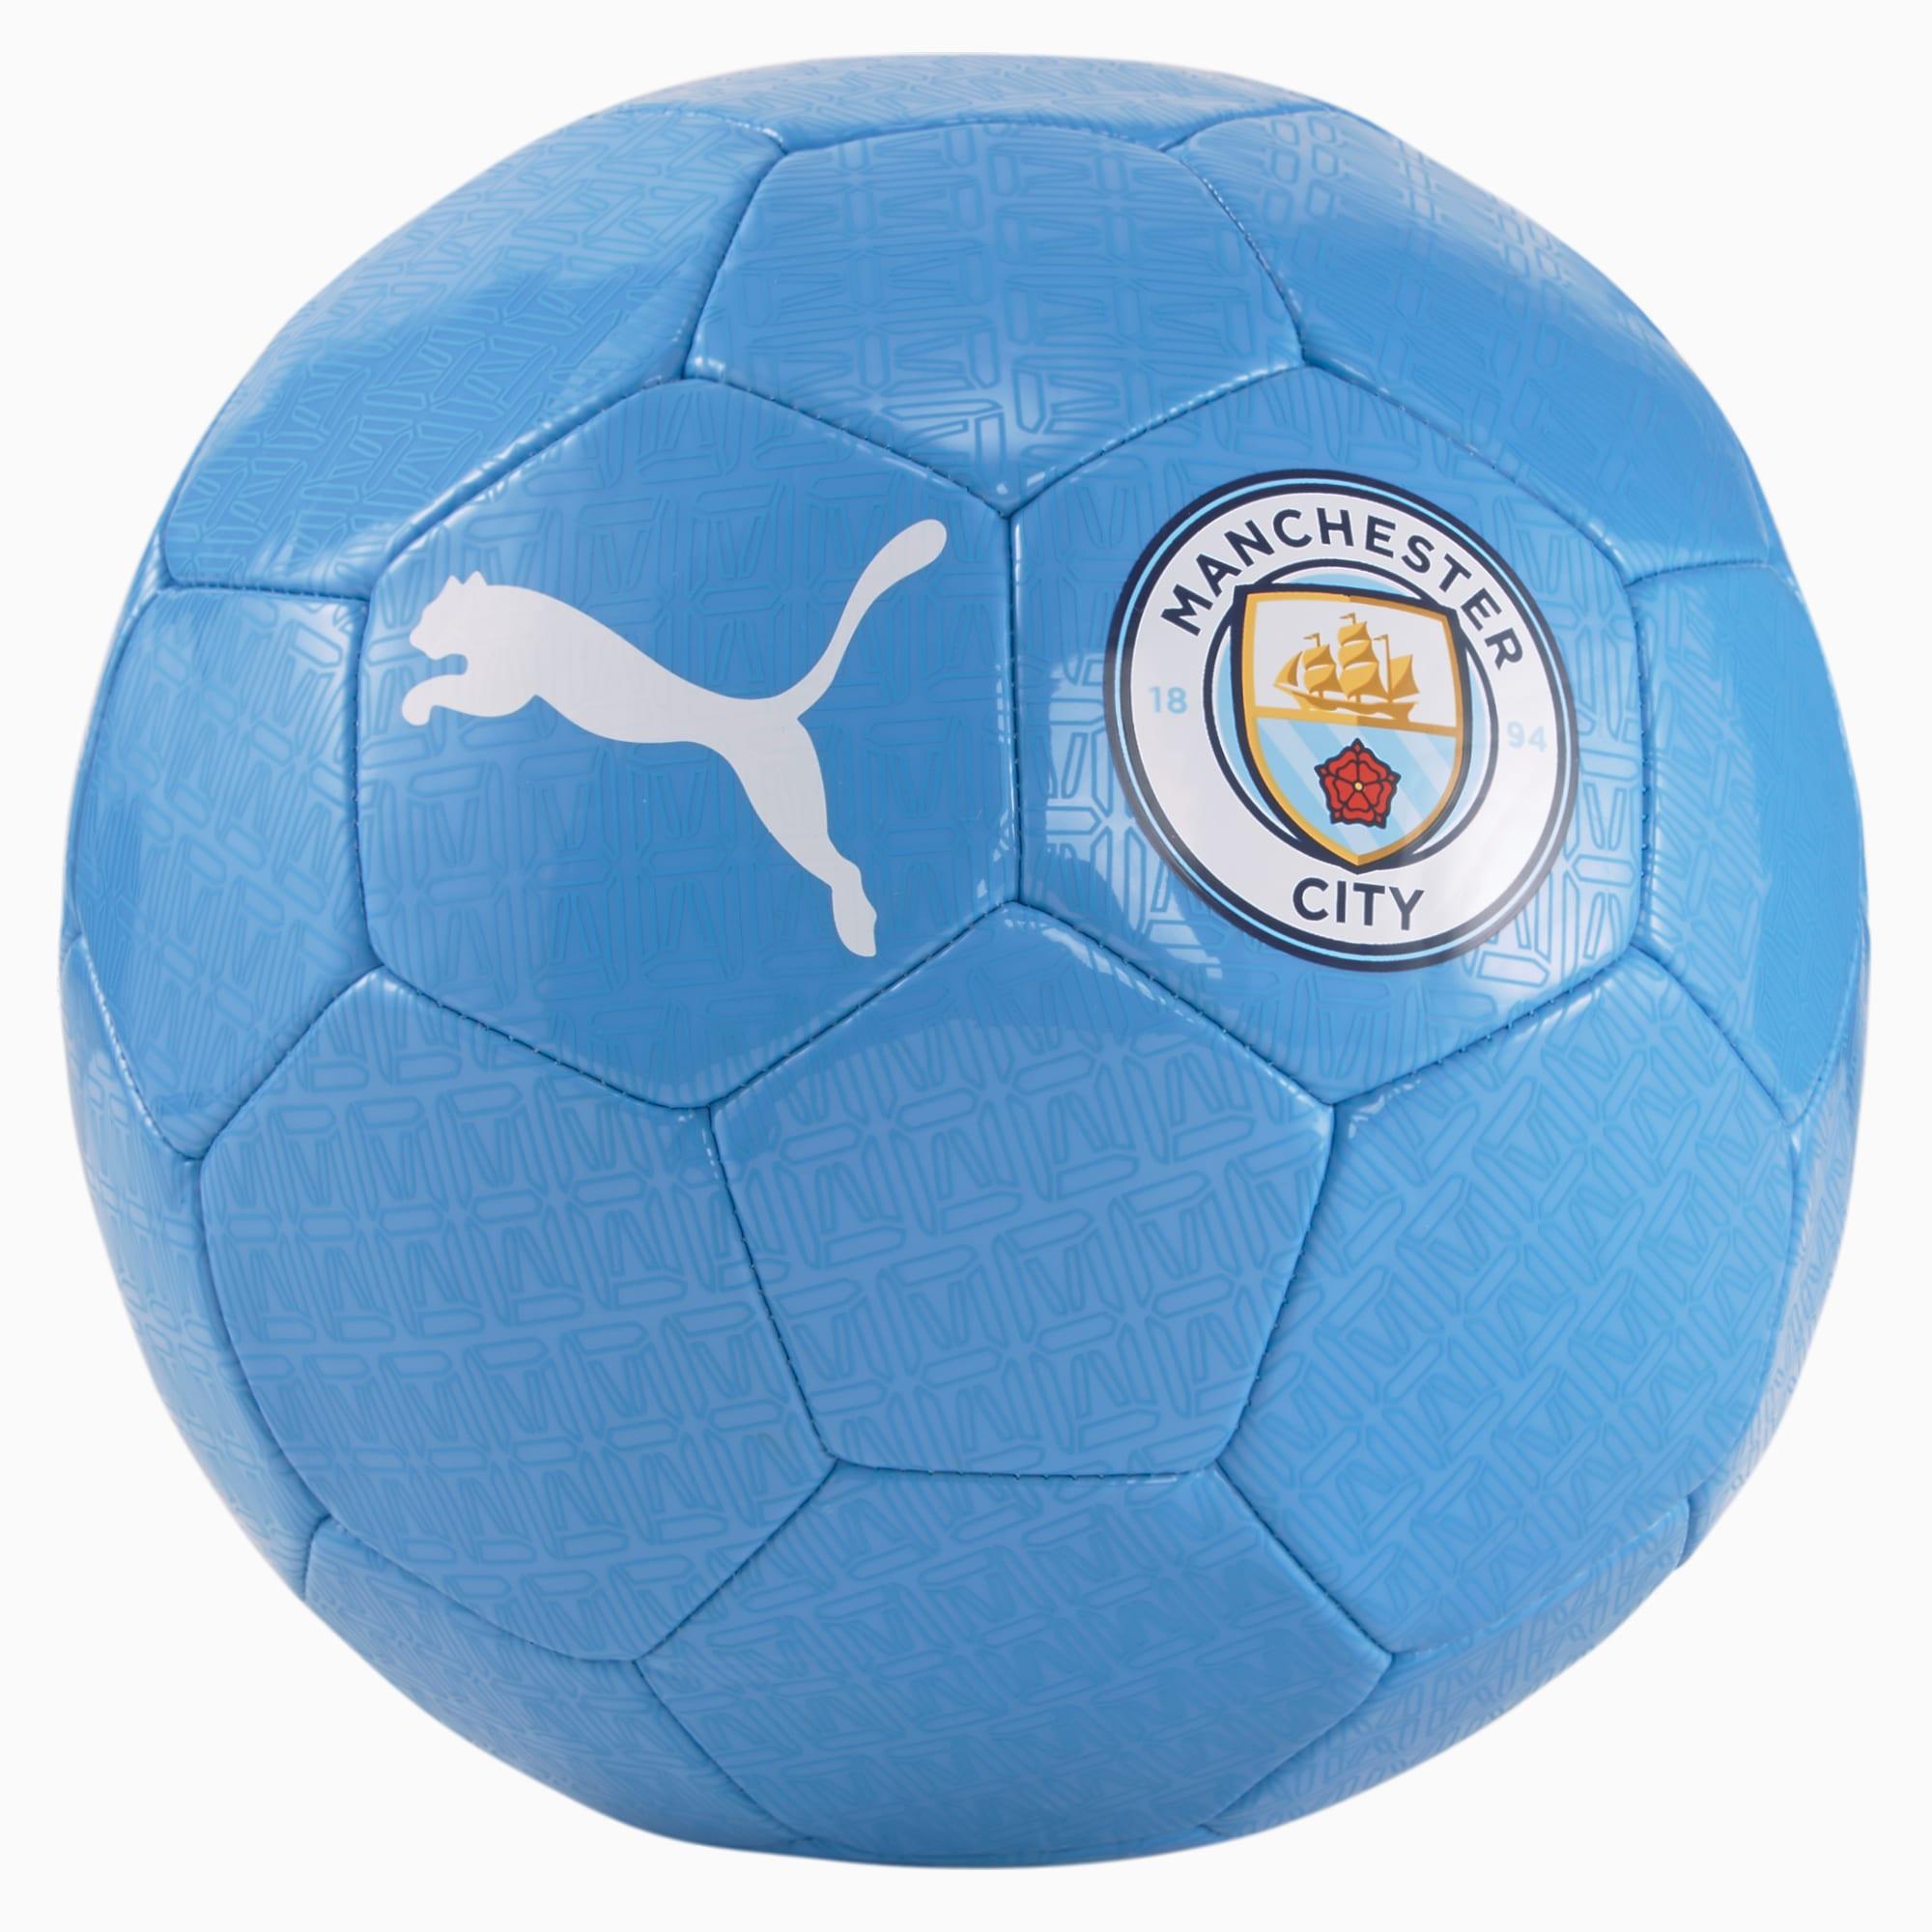 Pallone da calcio Man City FtblCore Fan, Blu/Bianco, Taglia 3   PUMA